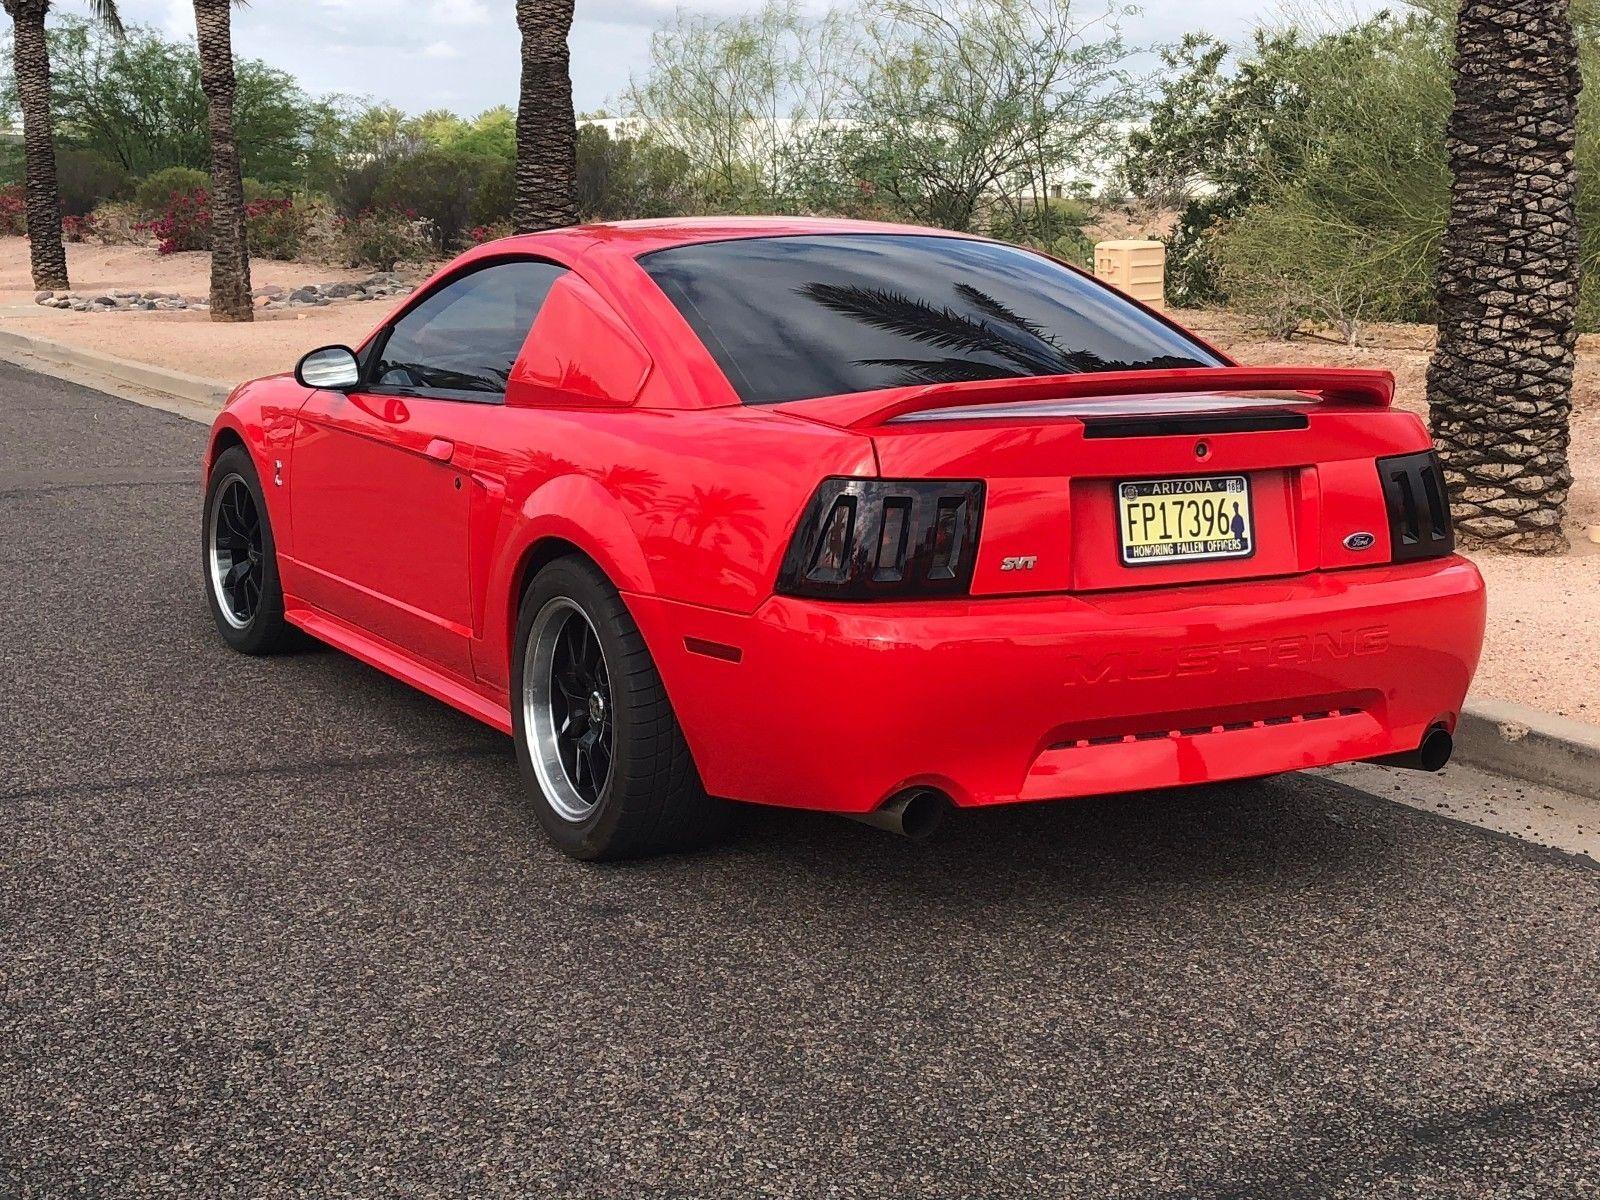 eBay 2000 Ford Mustang 2000 Mustang GT 2V 4 6L TFS Headed Engine